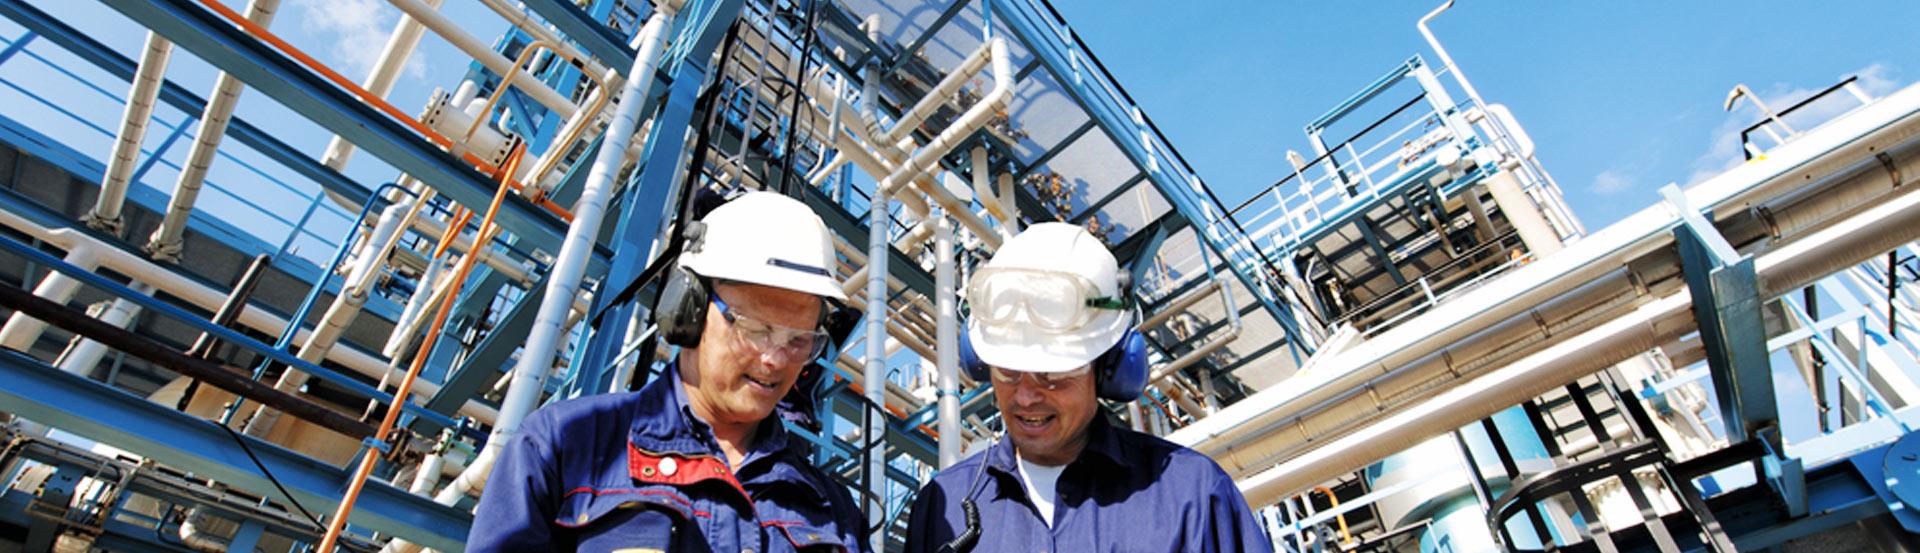 arbeitsschutz_sicherheit_1